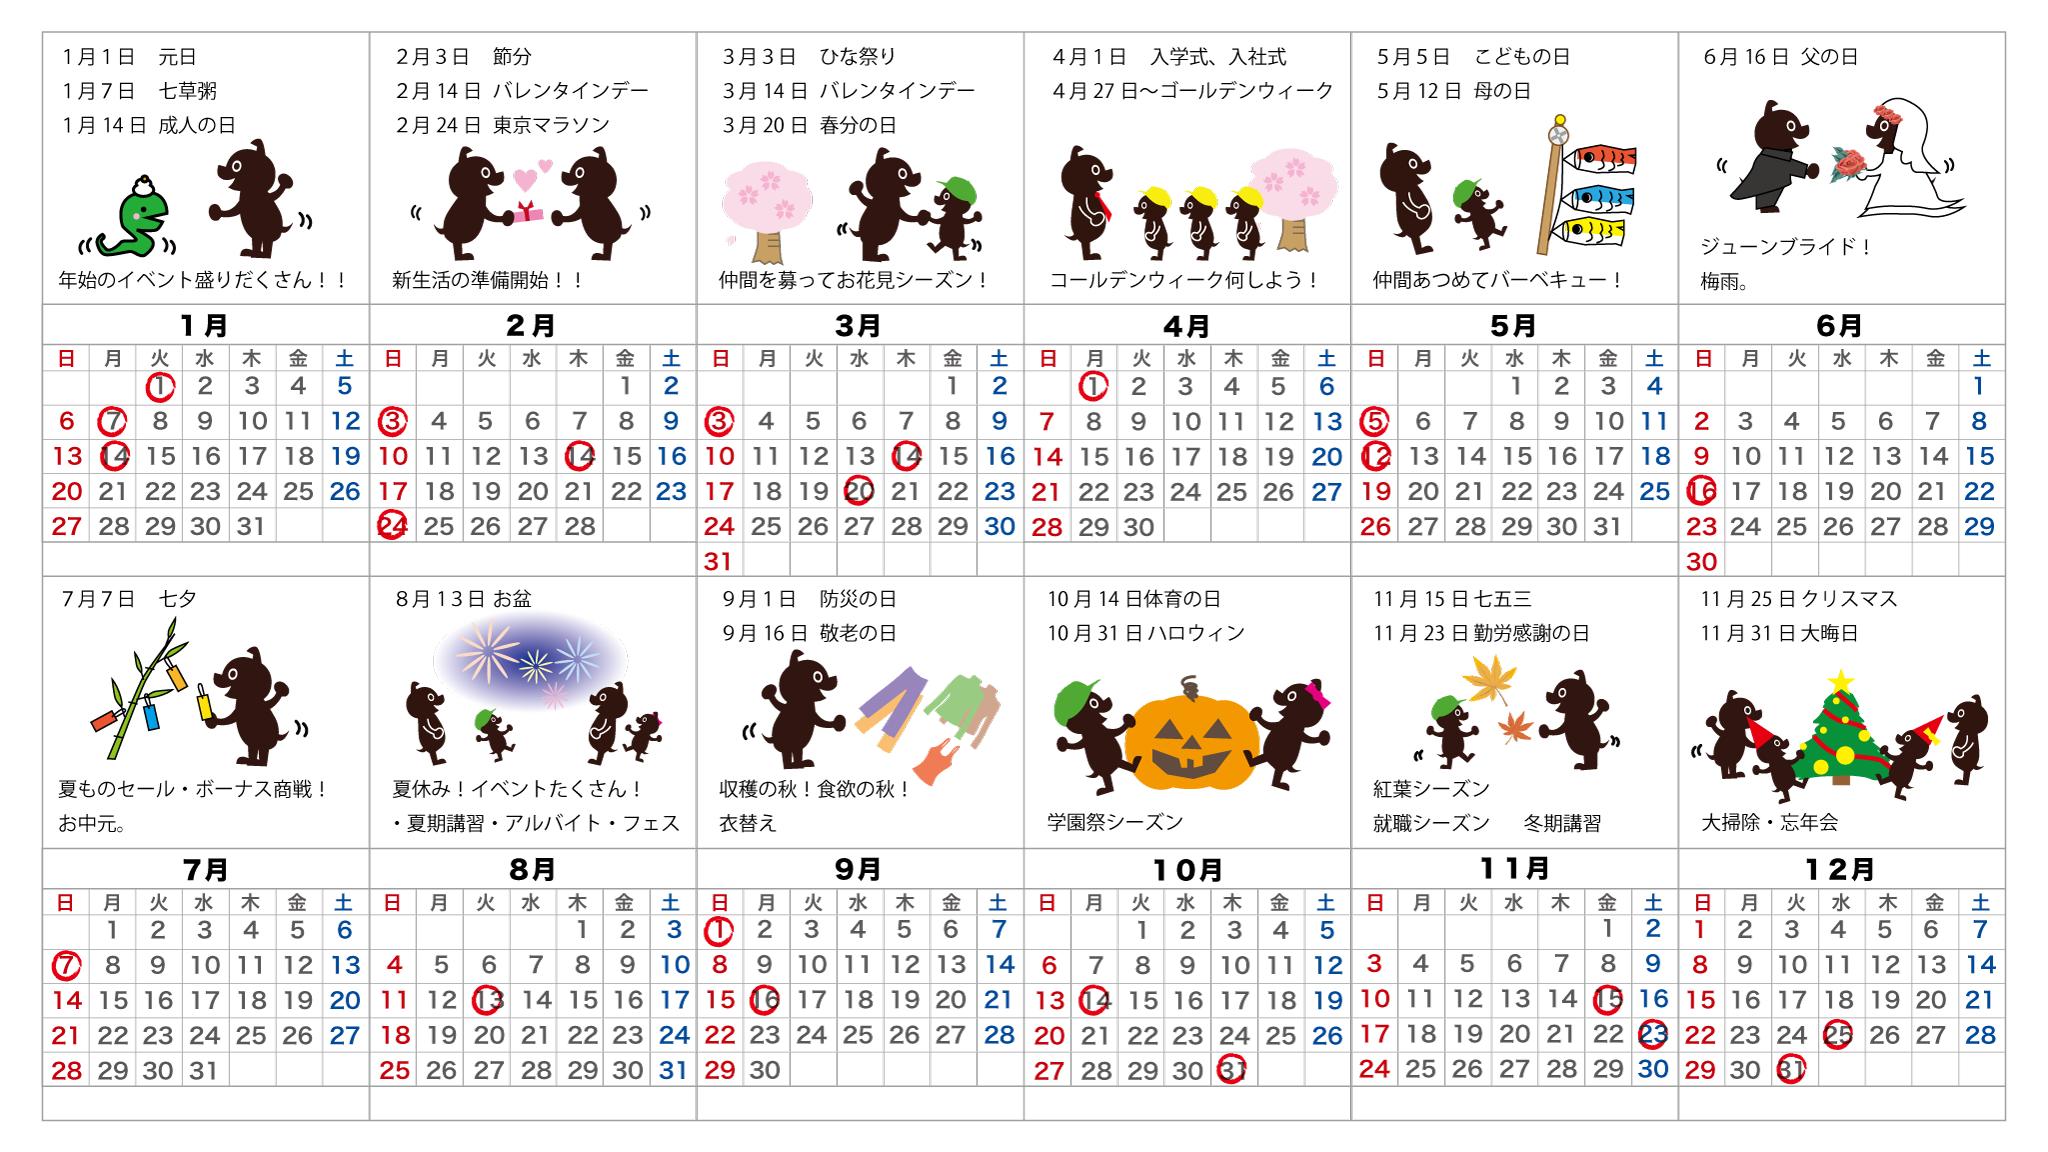 カレンダー壁紙(無料)2013 ... : 2015年無料カレンダー : カレンダー